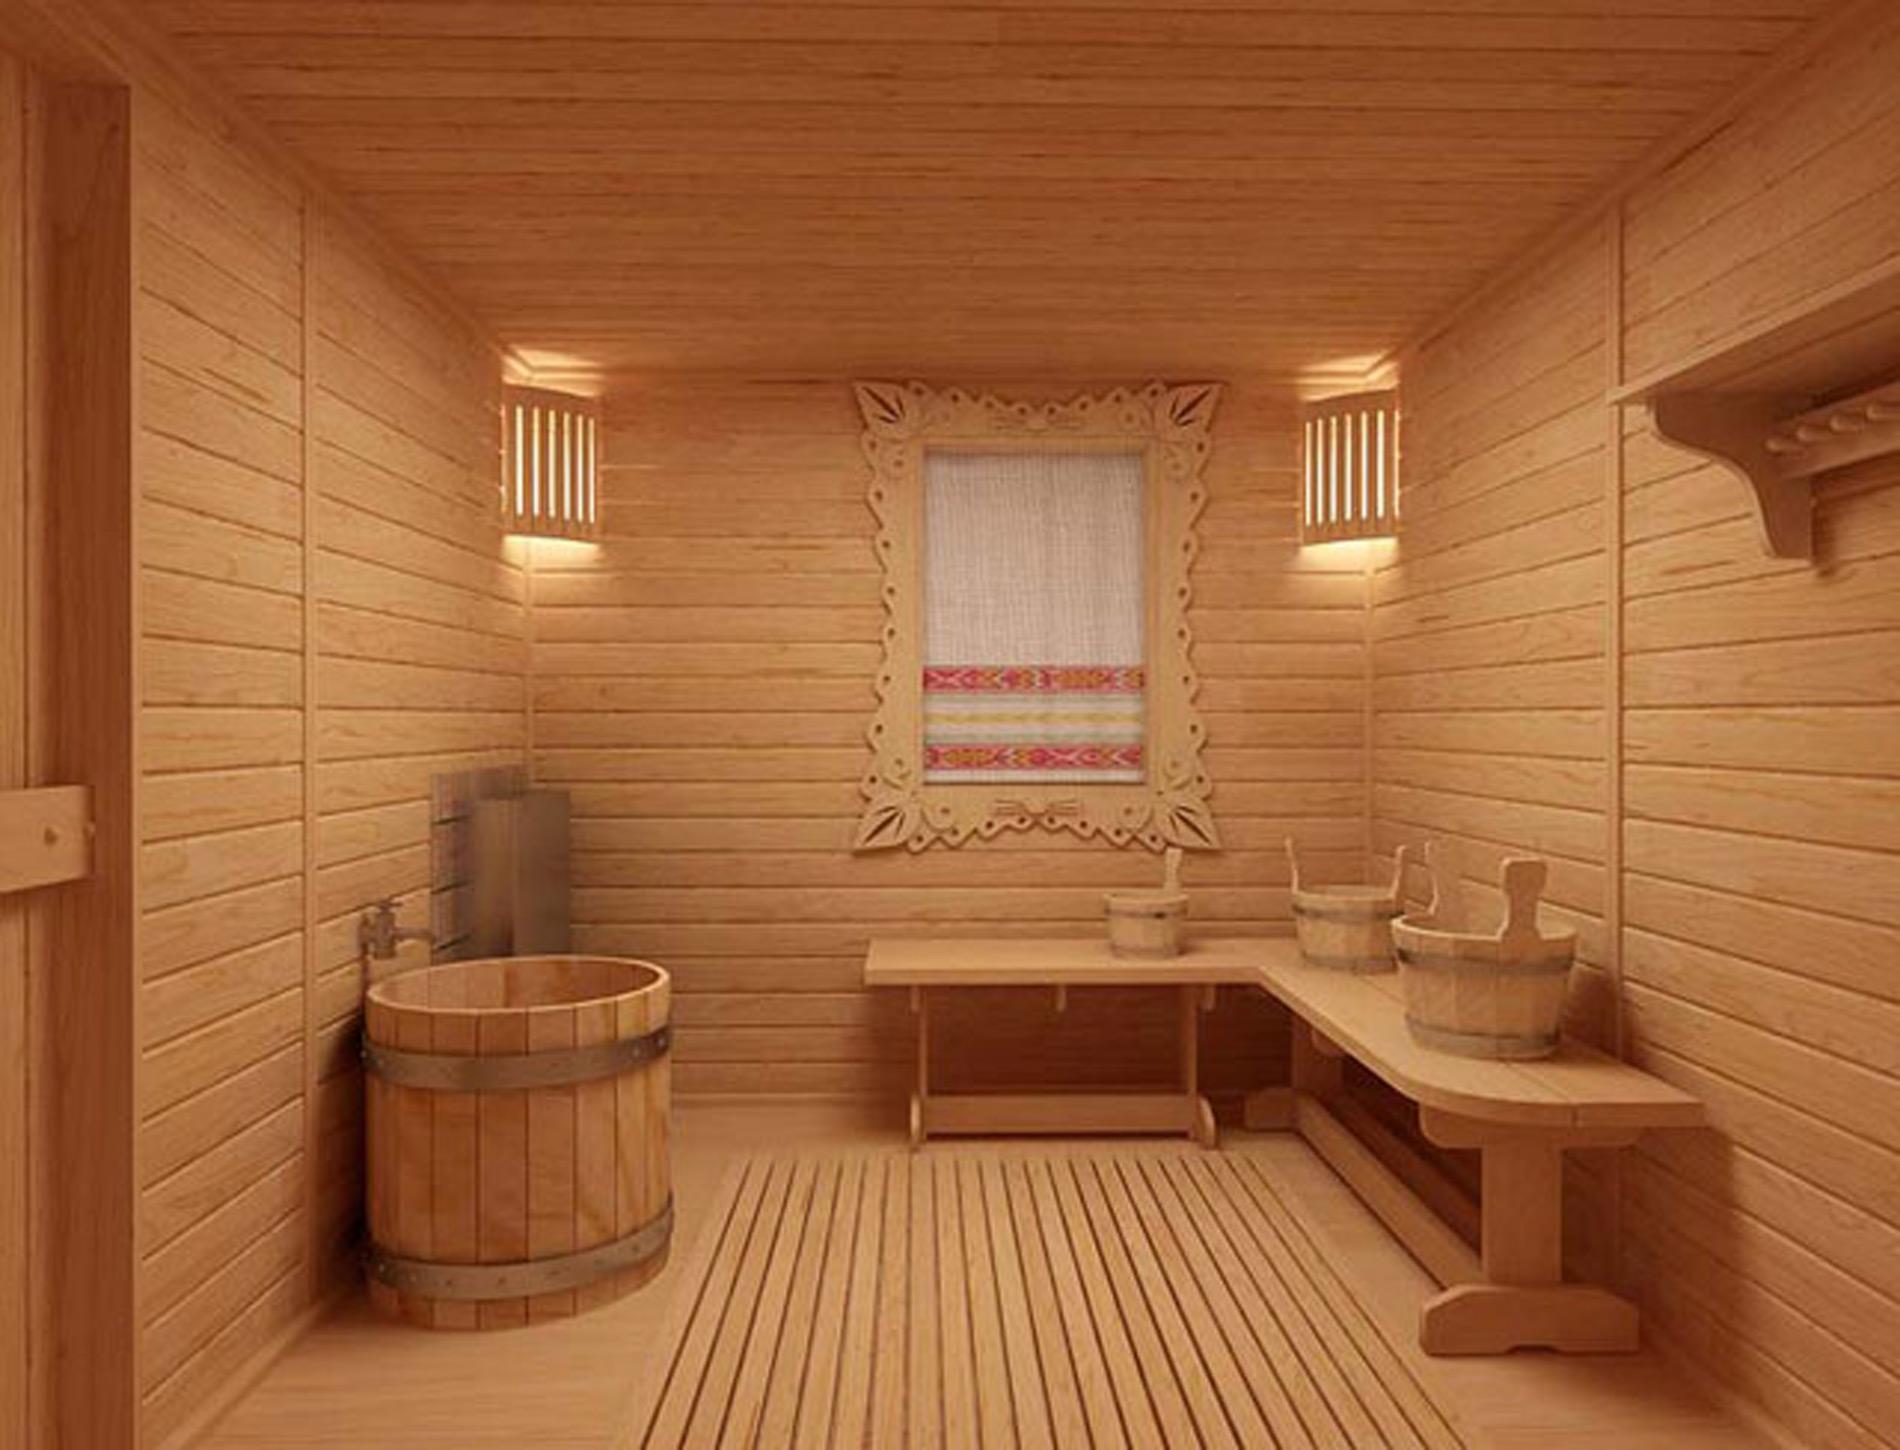 Отделка бани внутри (49 фото создаем уютную зону релакса) 96